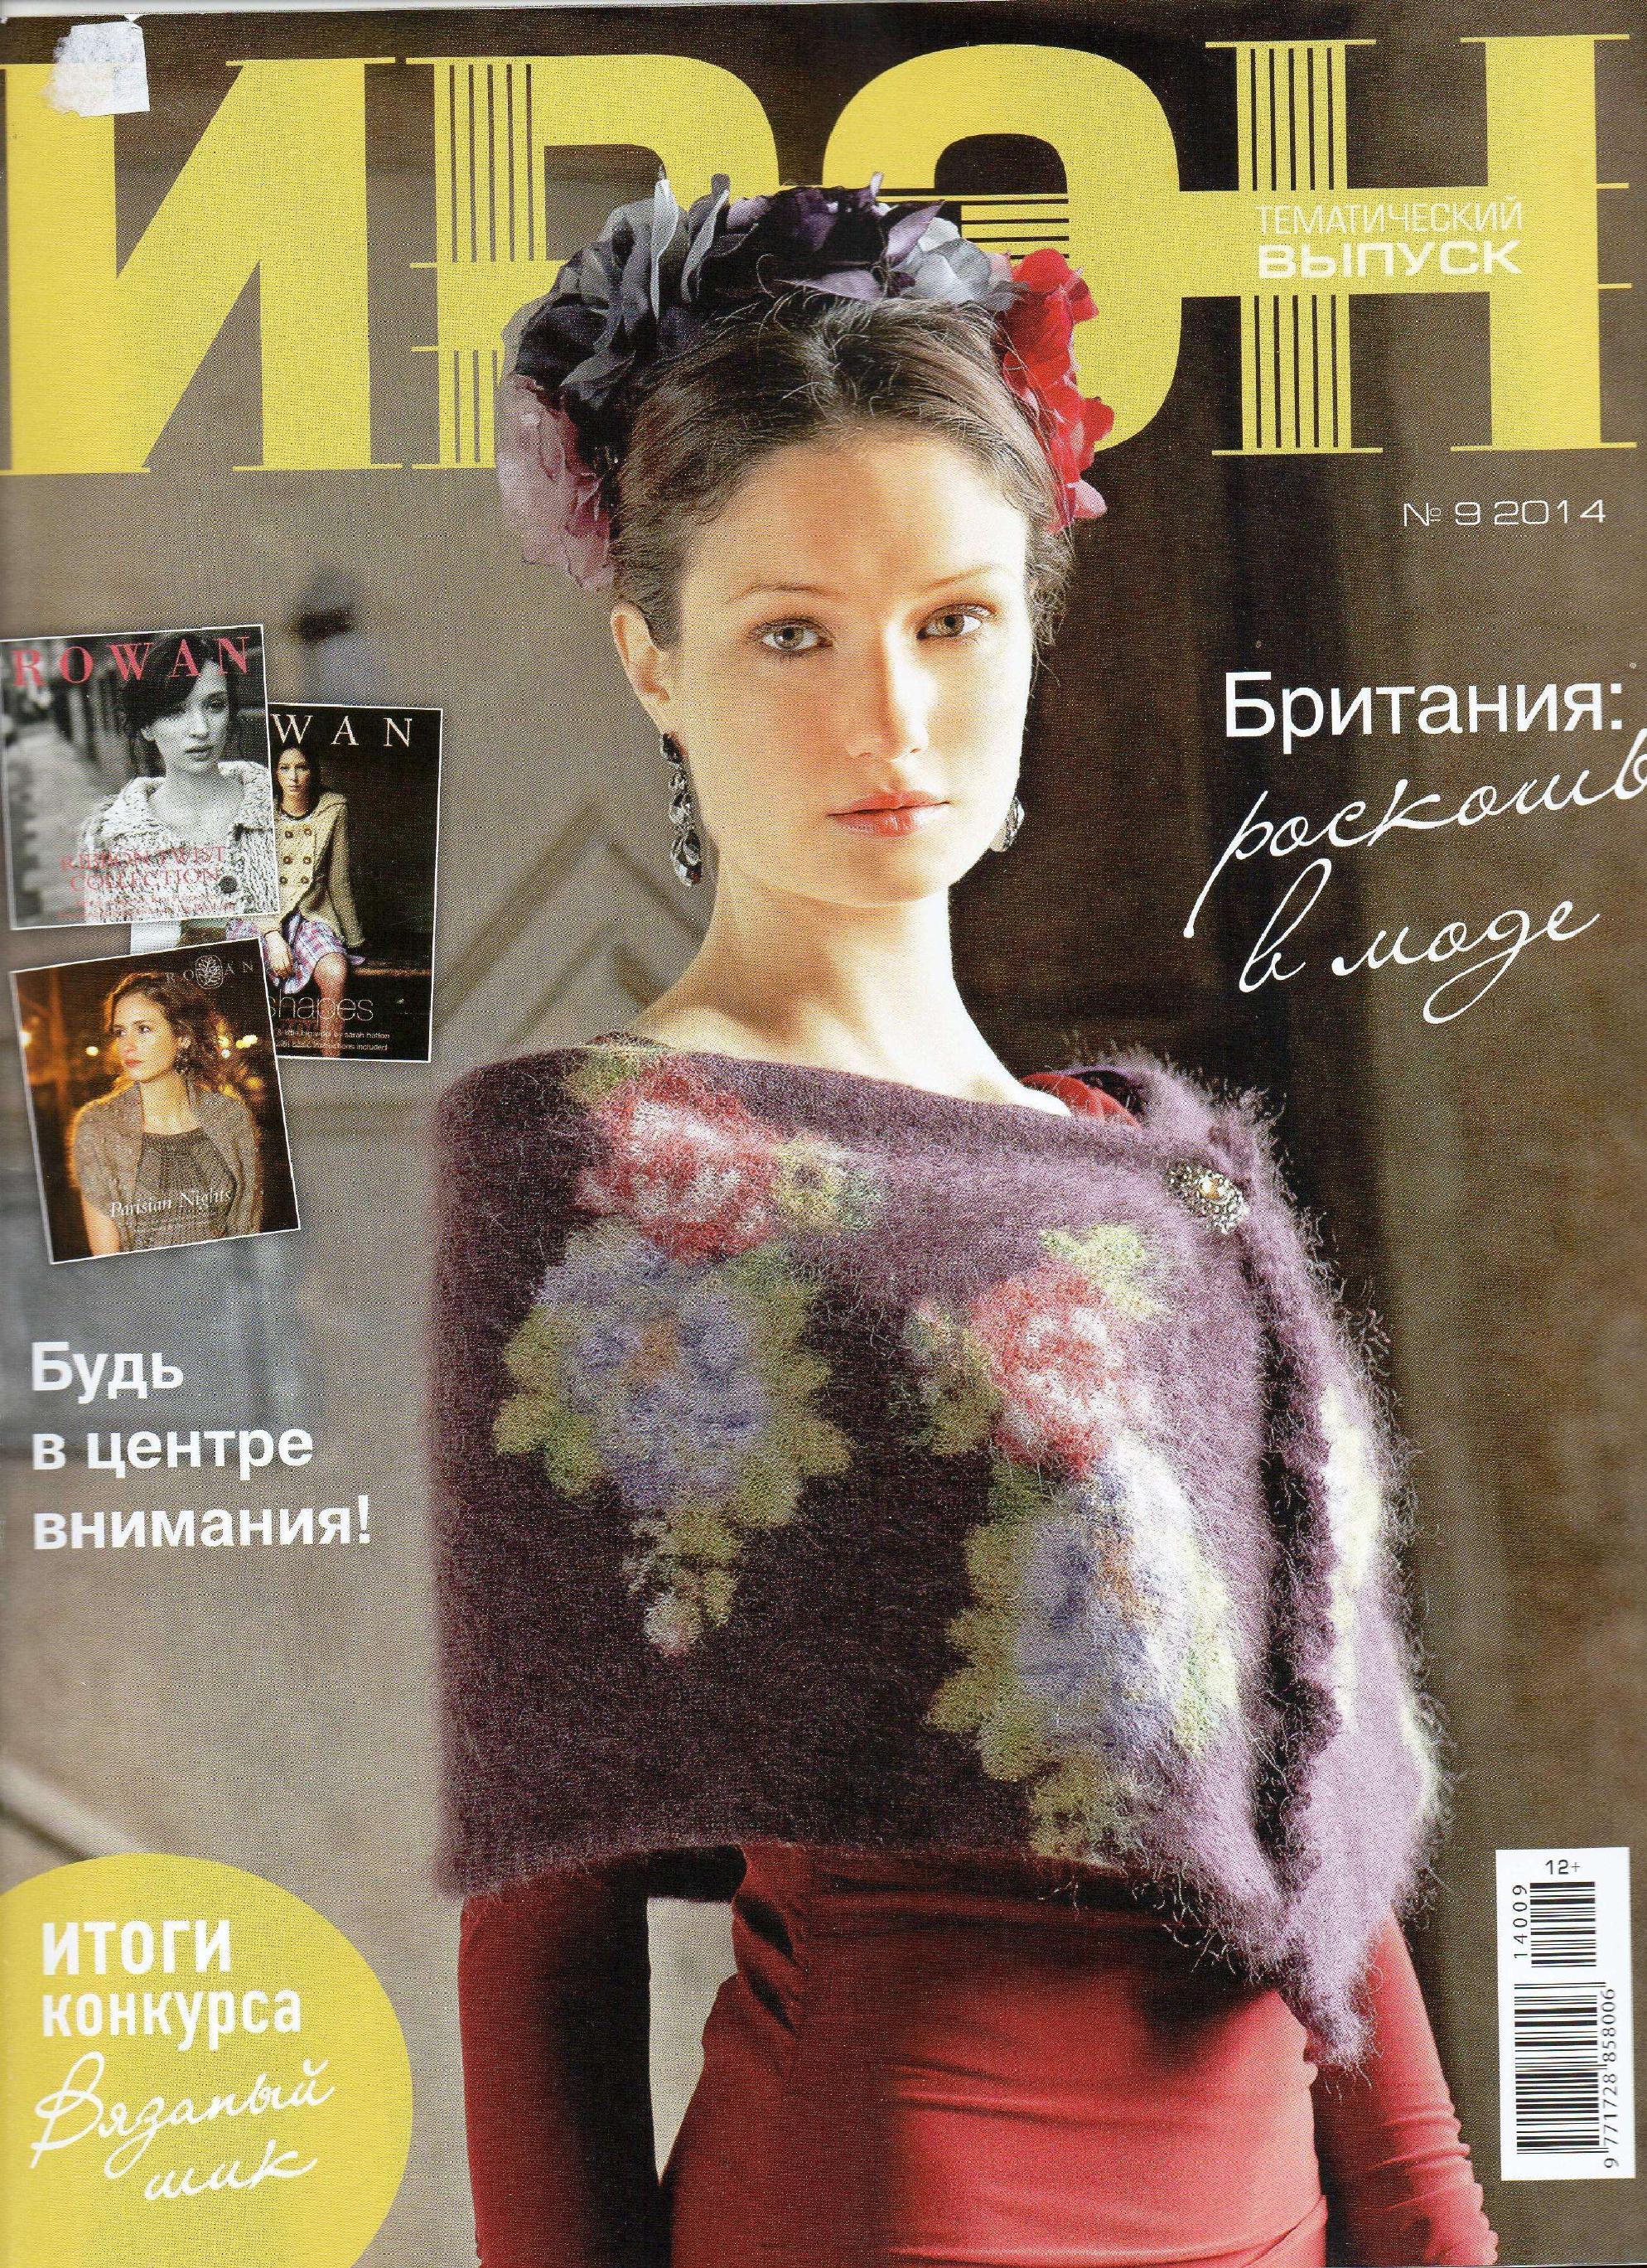 https://img-fotki.yandex.ru/get/17934/349197227.3/0_177cd4_28fdc41_orig